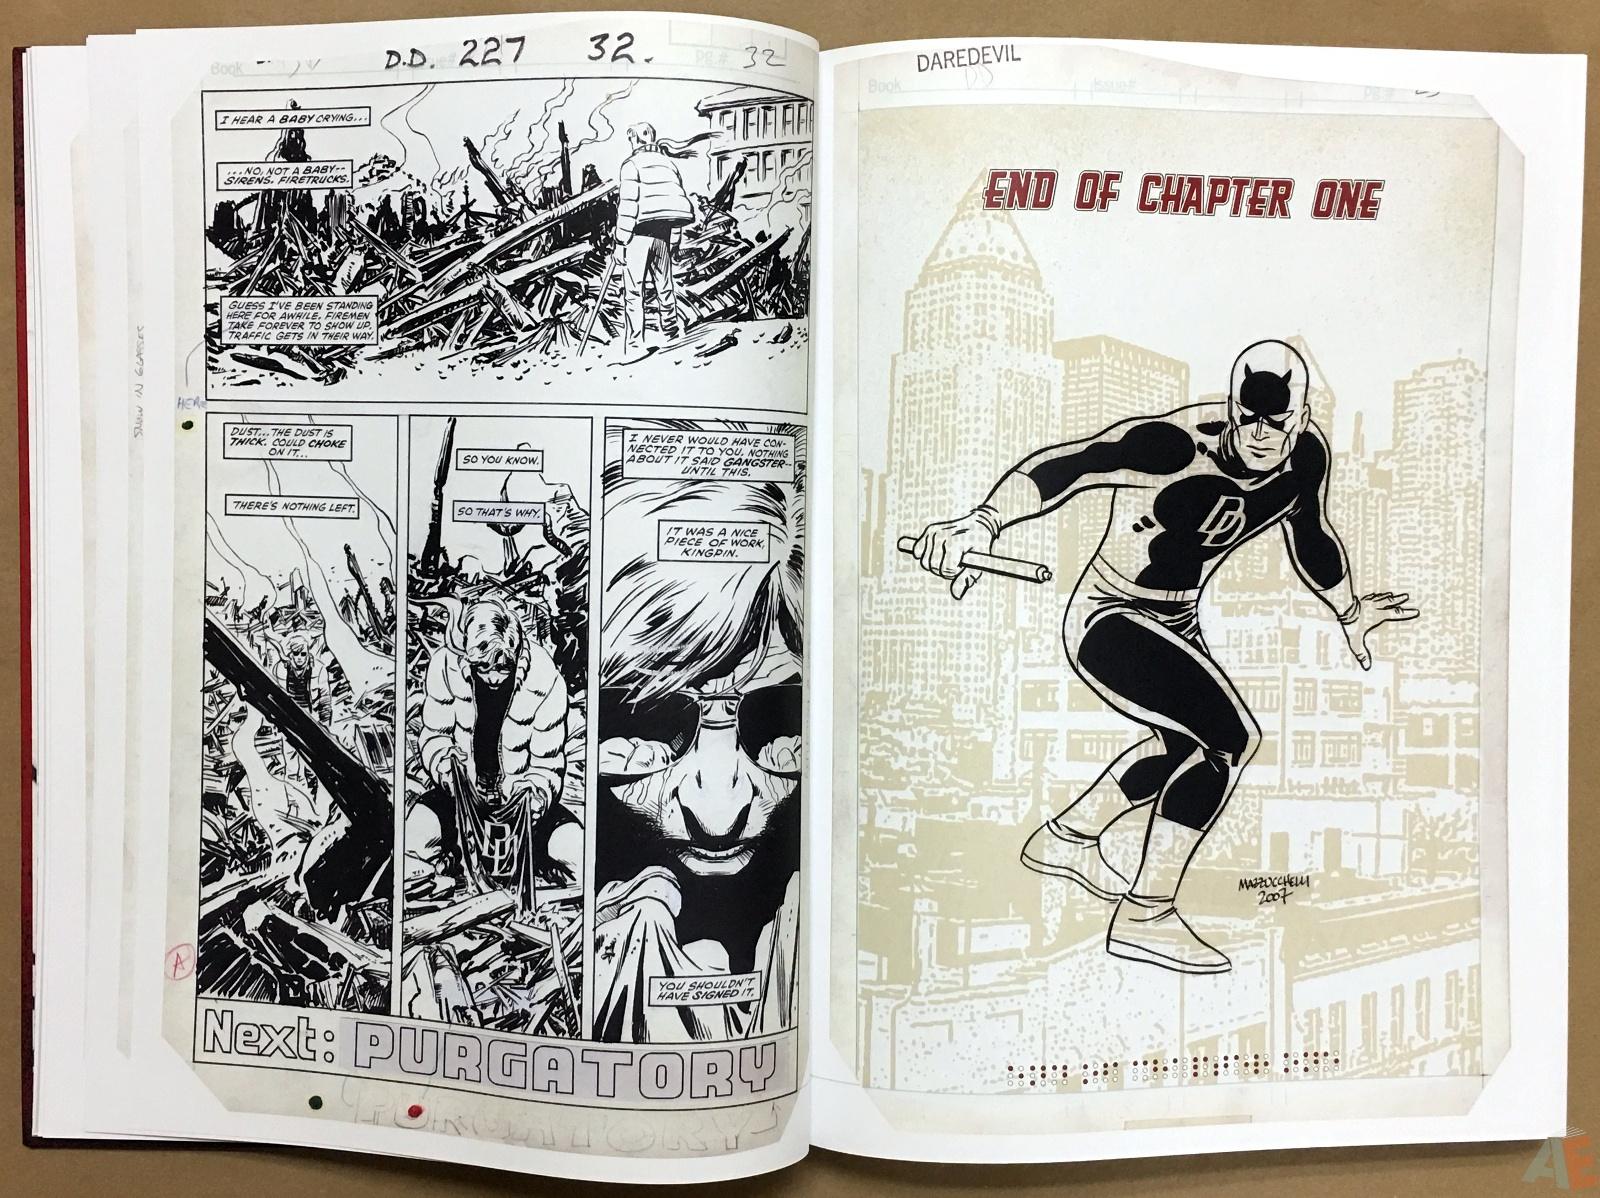 David Mazzucchelli's Daredevil Born Again: Artist's Edition 12